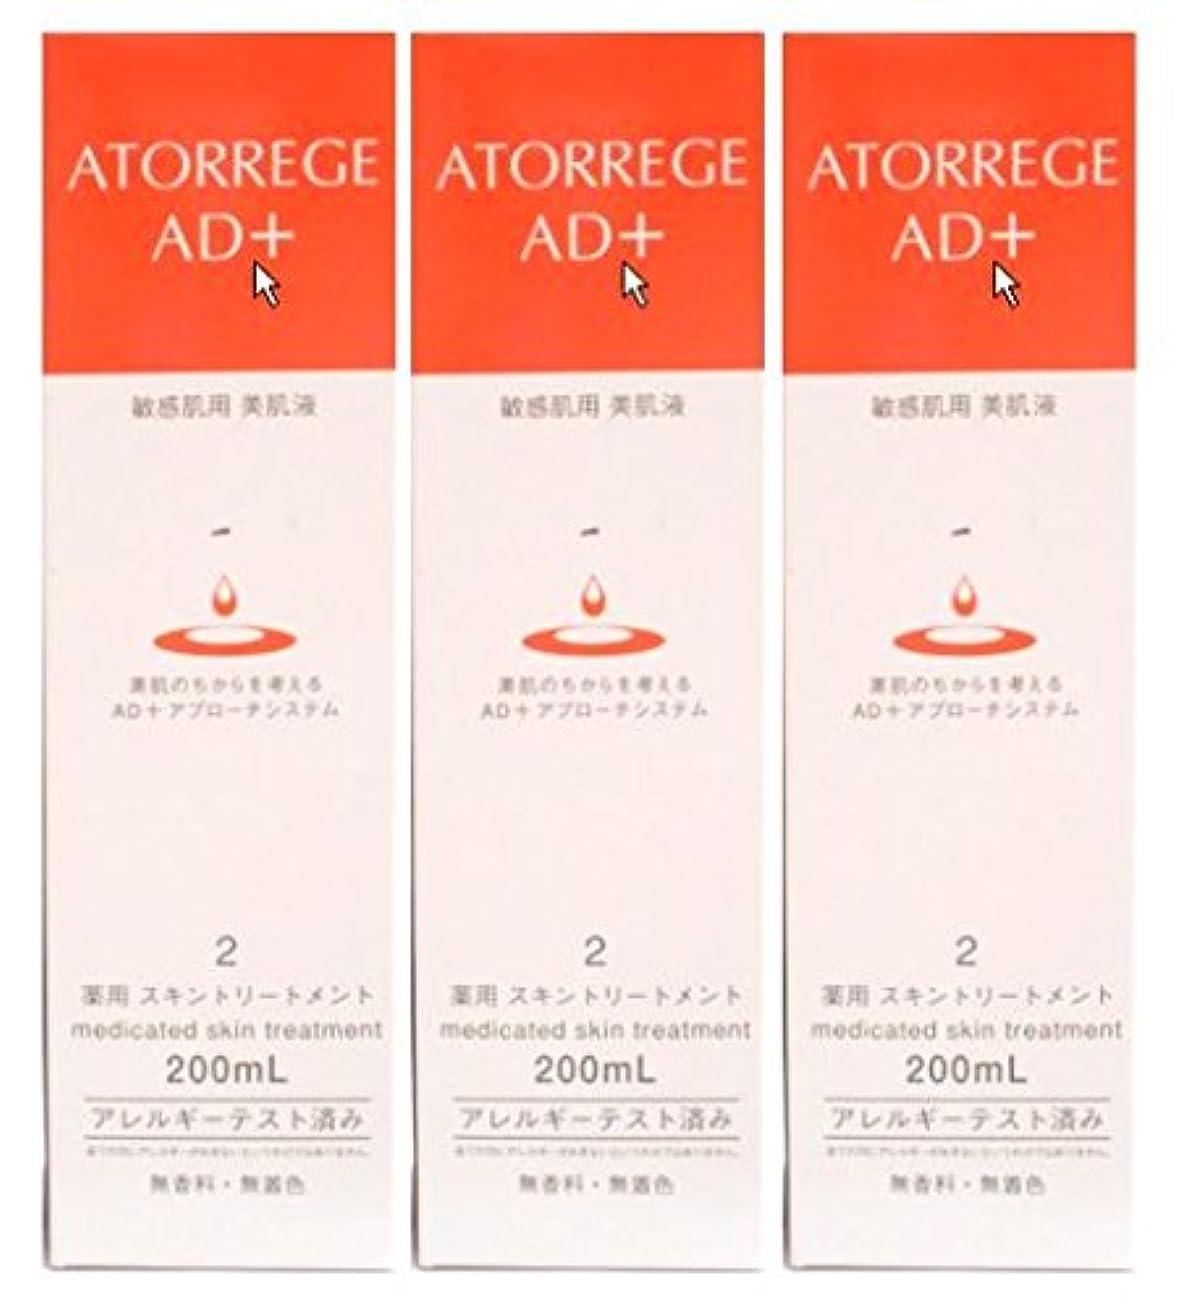 科学微生物領域(お買い得3本セット)アトレージュ AD+薬用スキントリートメント 200ml(敏感肌用化粧水)(医薬部外品)